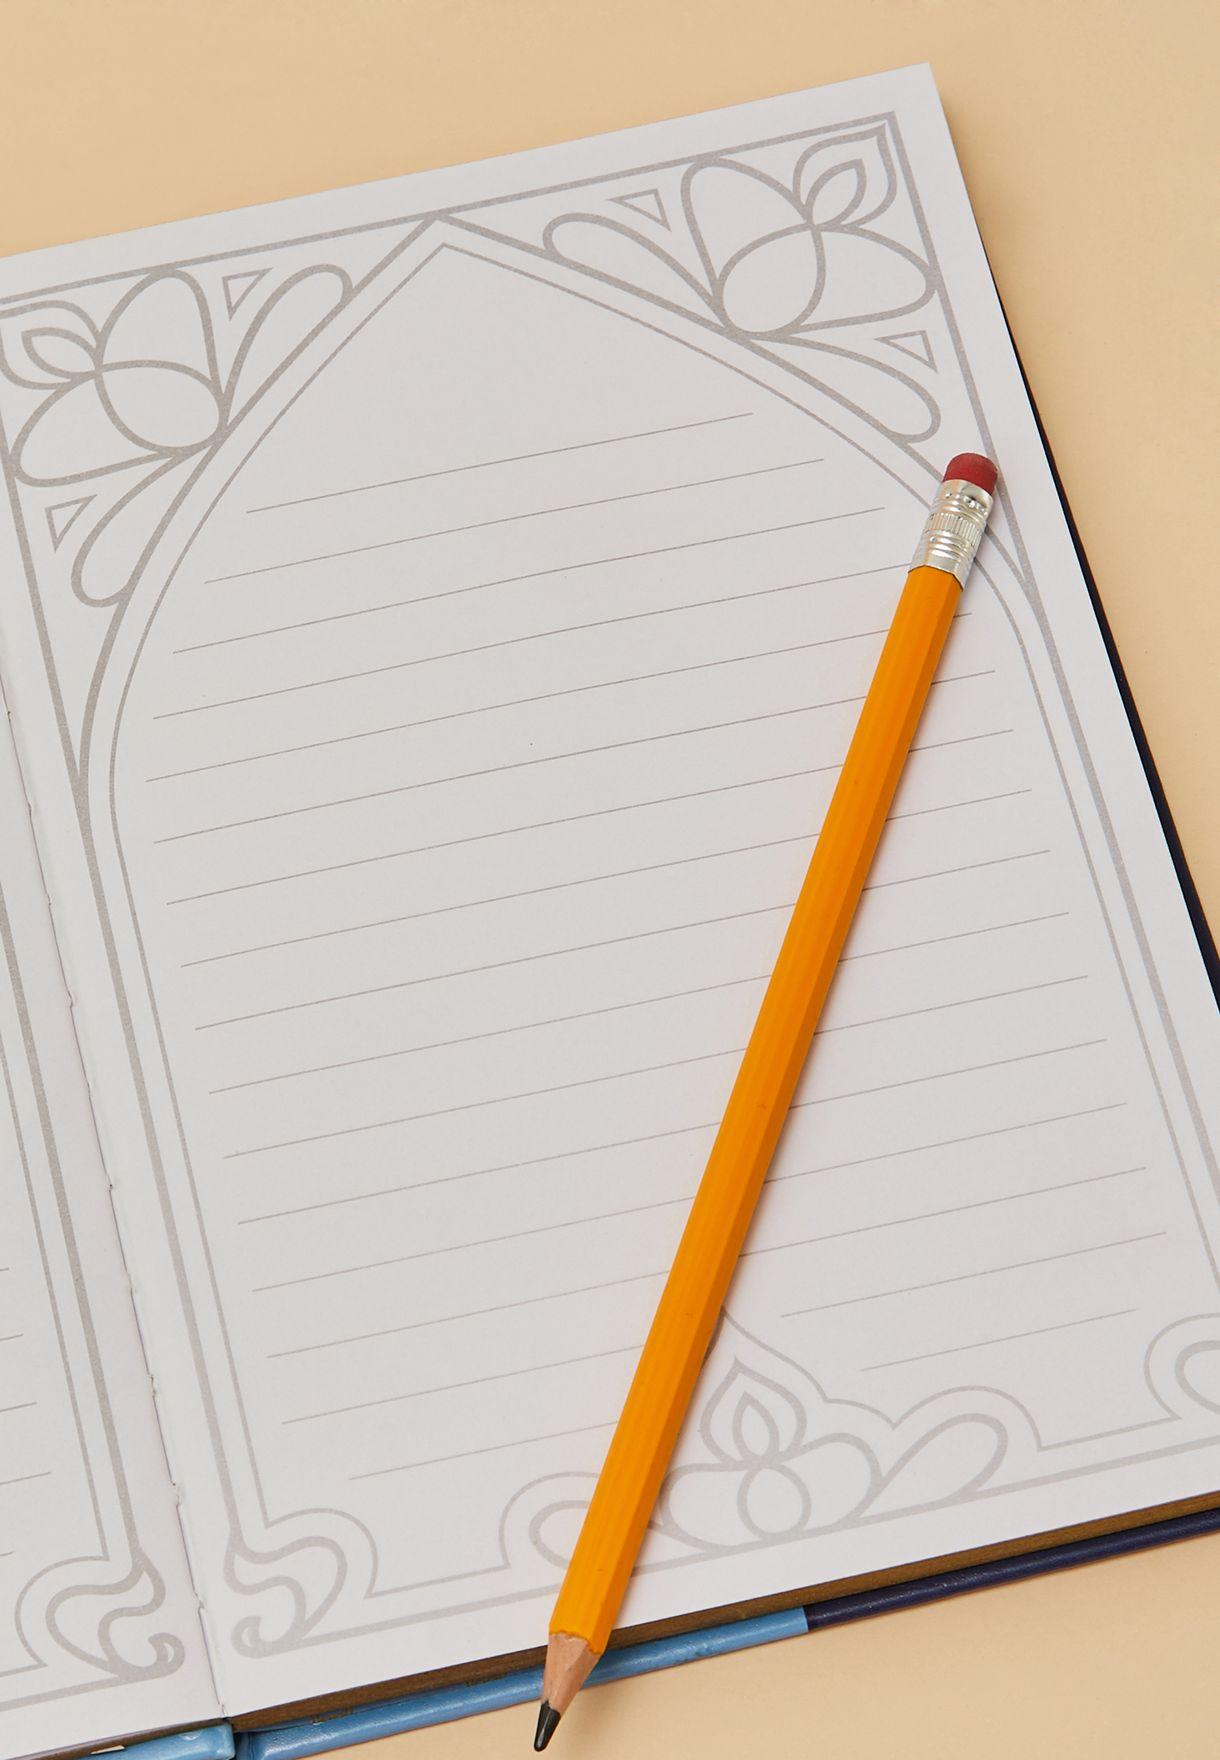 دفتر محاضرات بطبعة